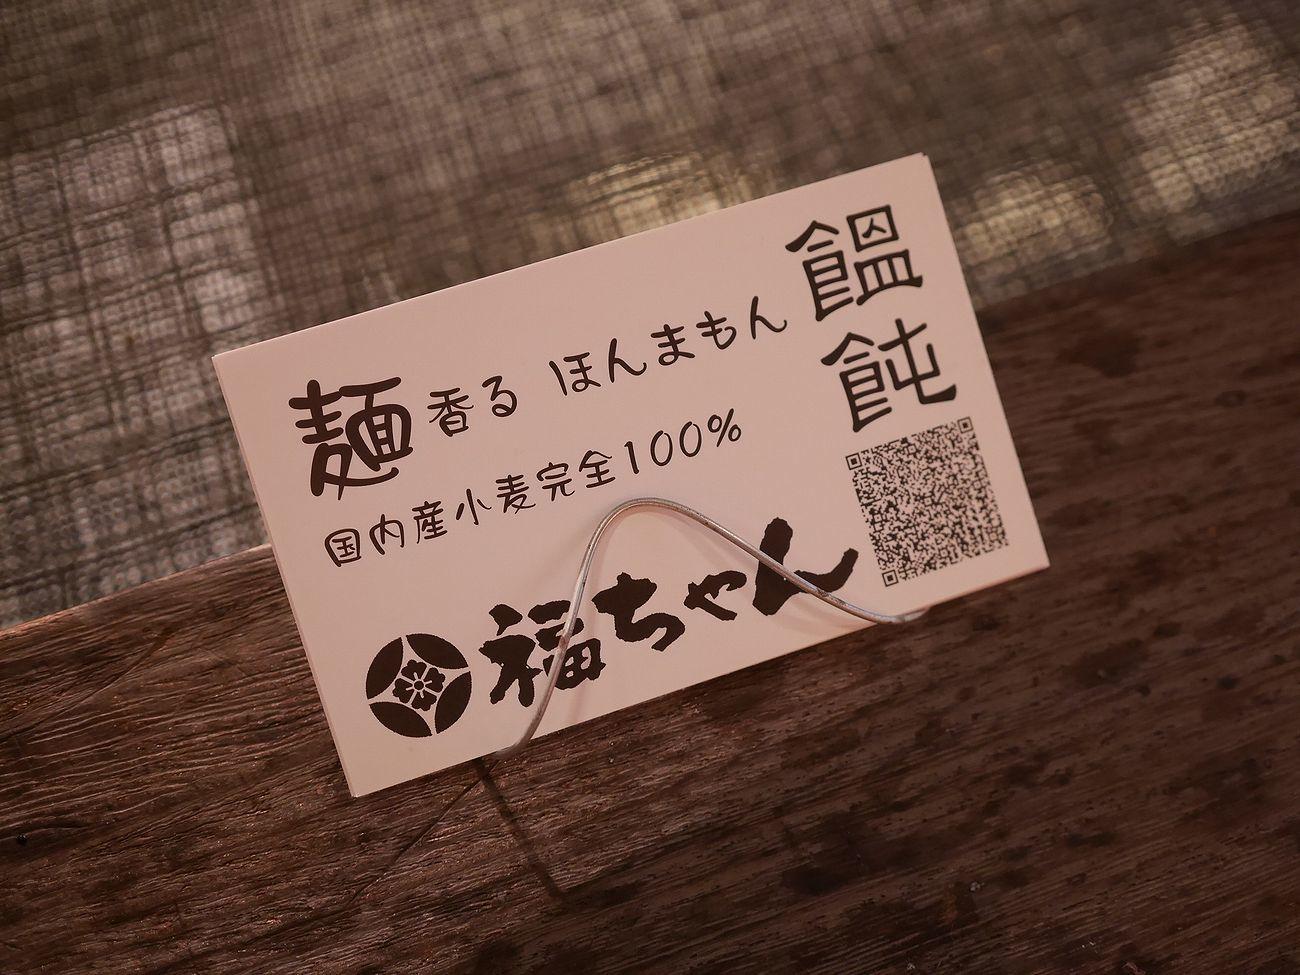 _1270593.jpg